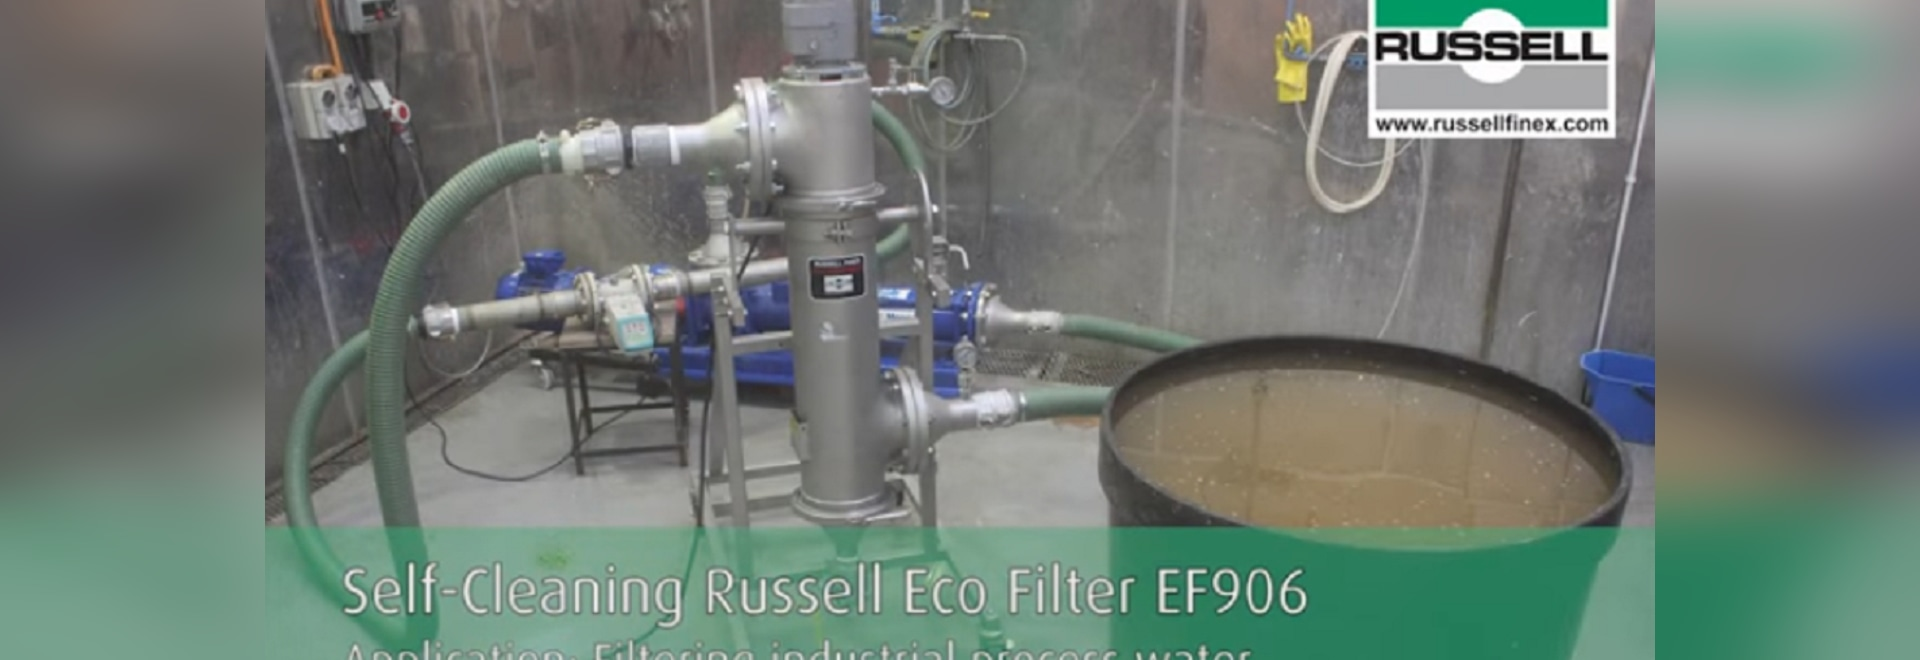 Filtro industrial en línea para recuperar agua procesada